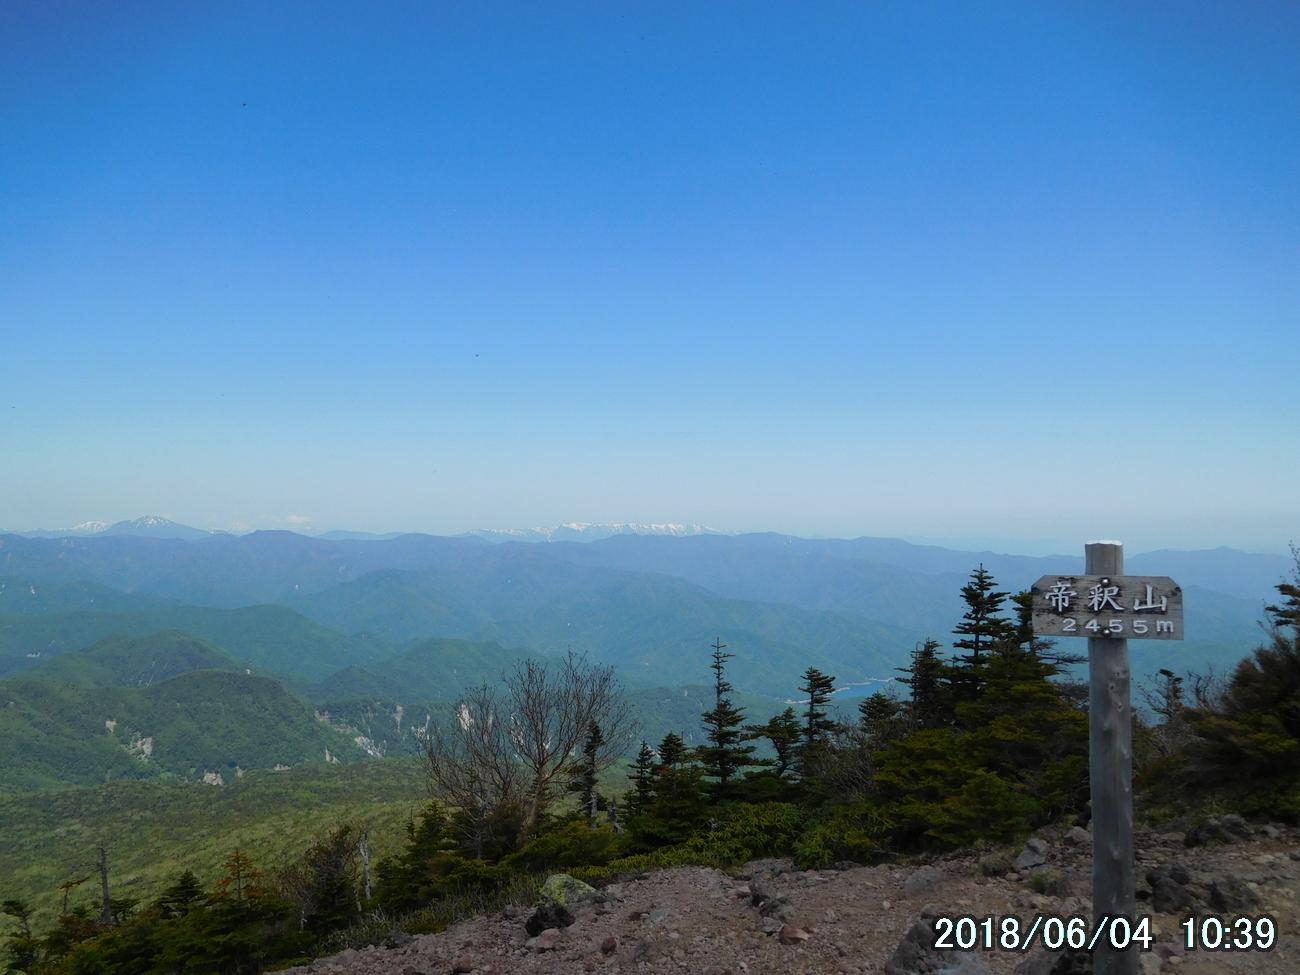 帝釈山からの素晴らしい眺め